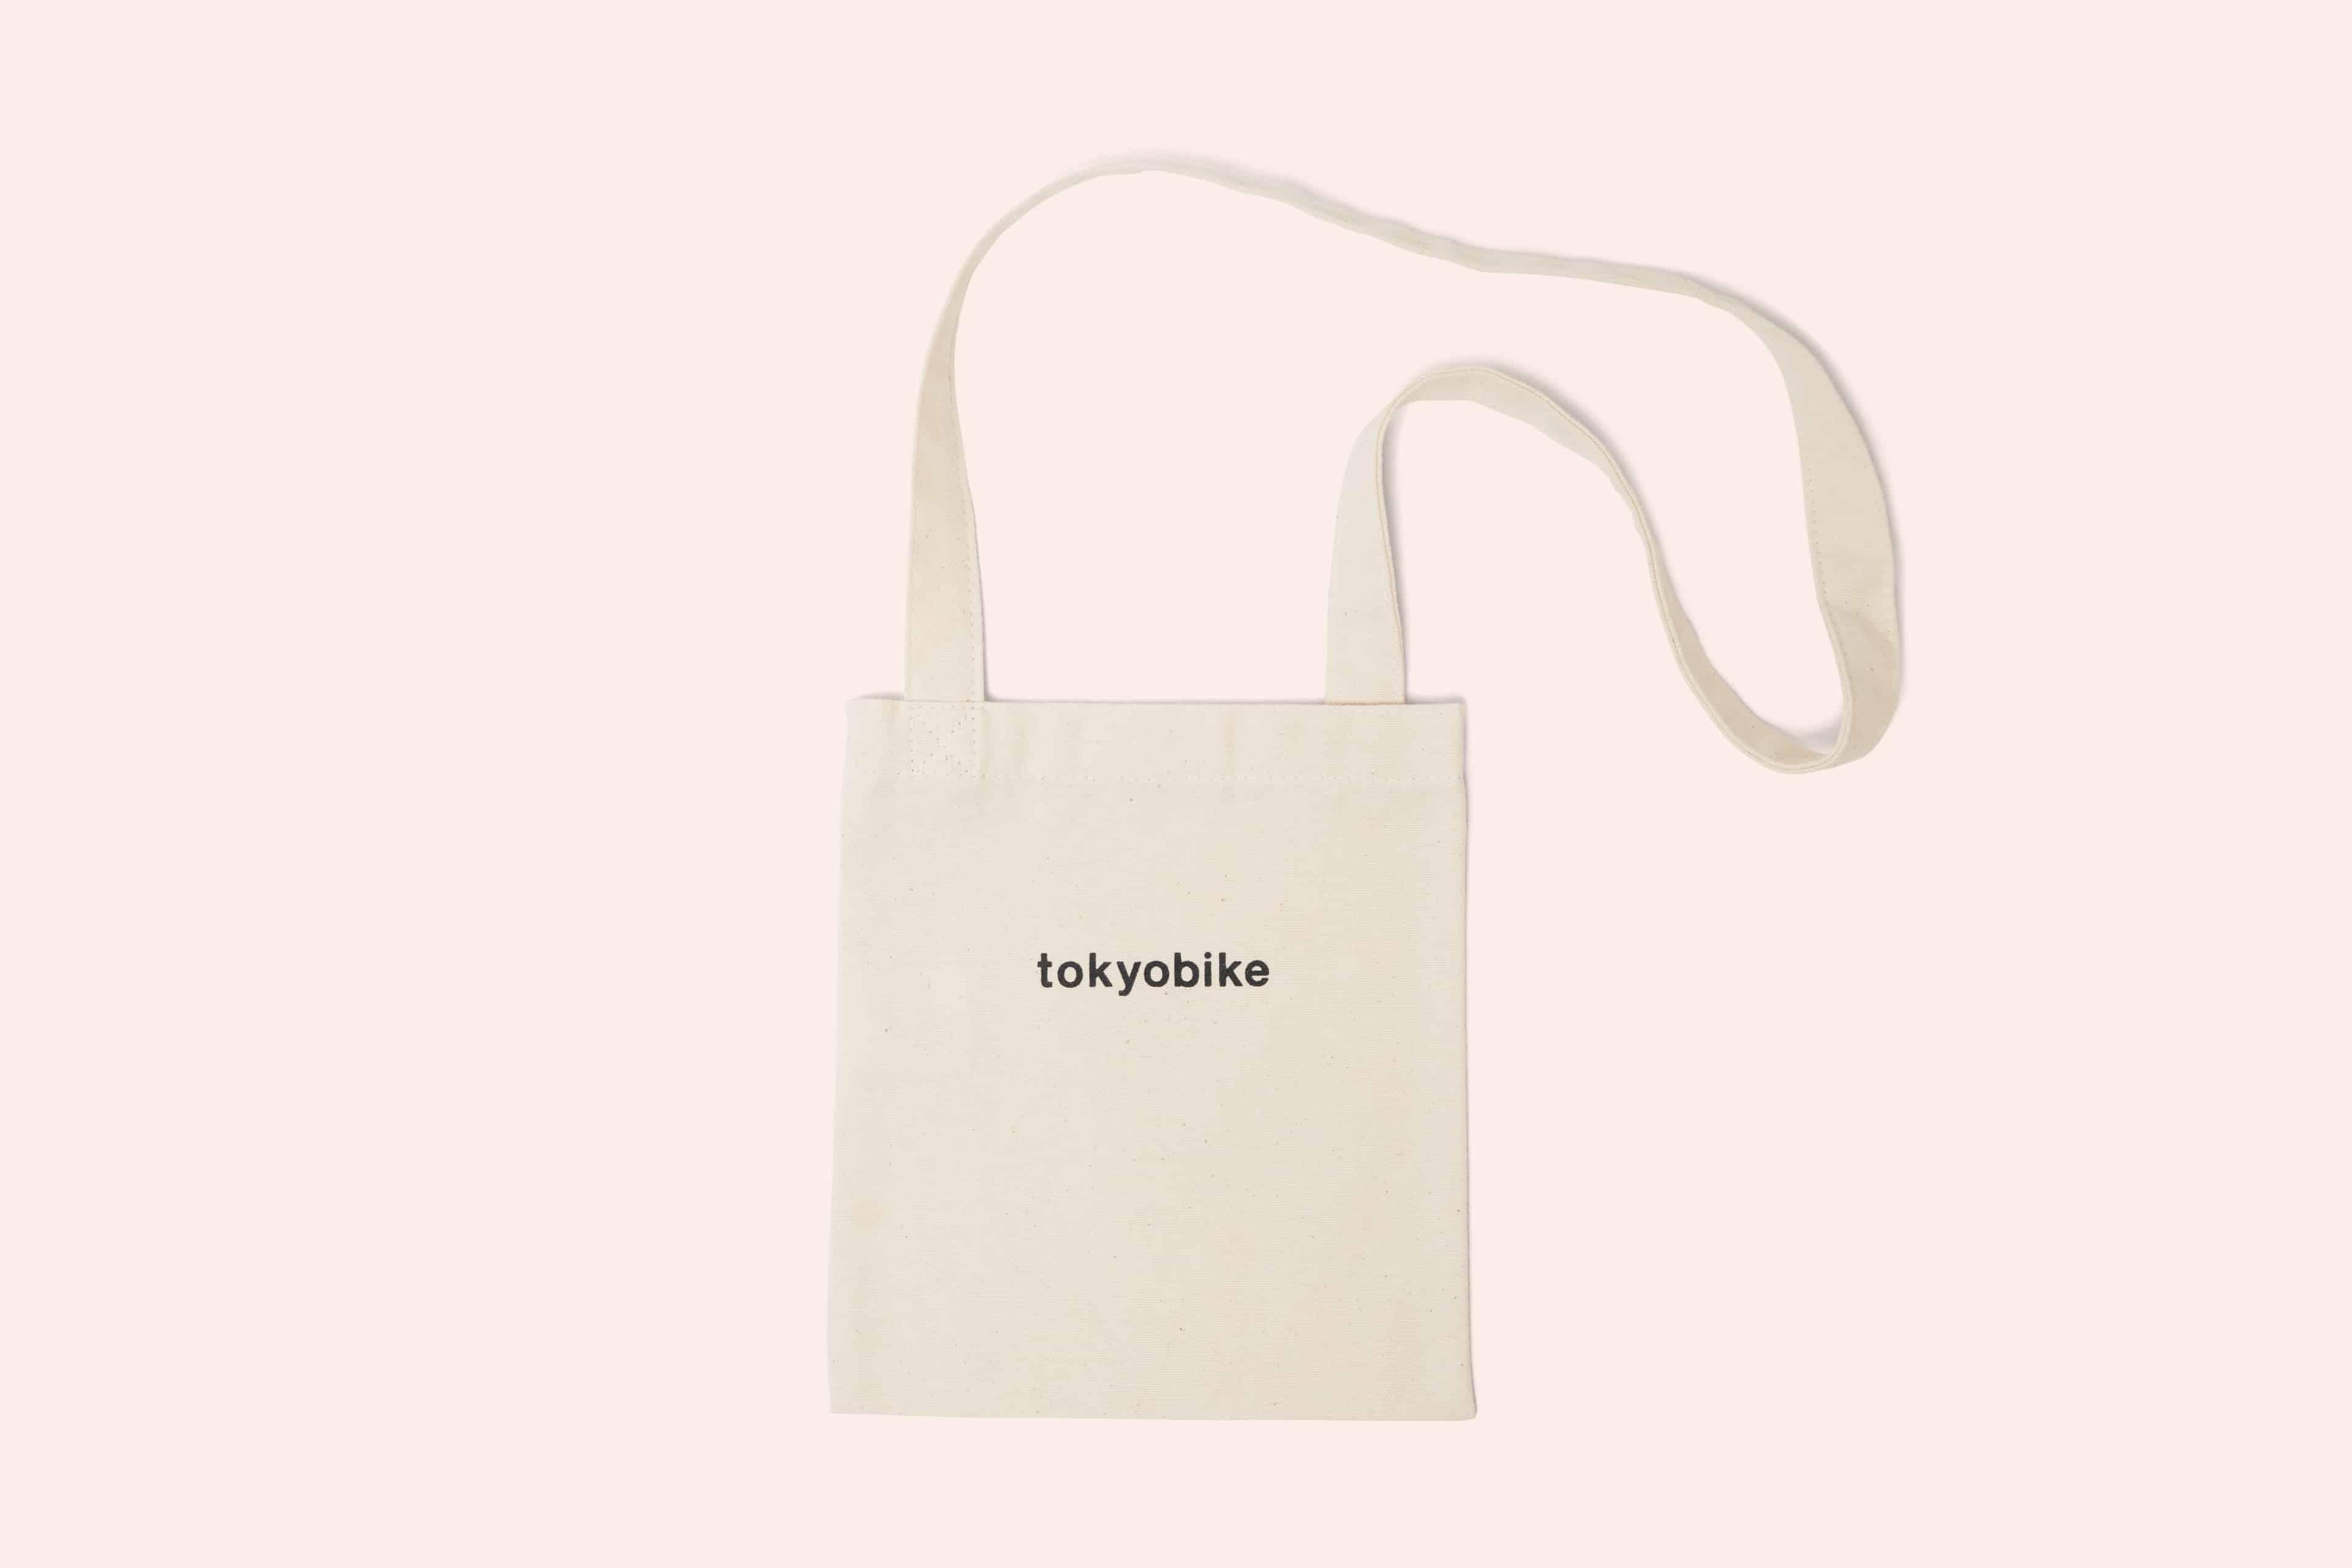 キッズサコッシュ little tokyobike paddle